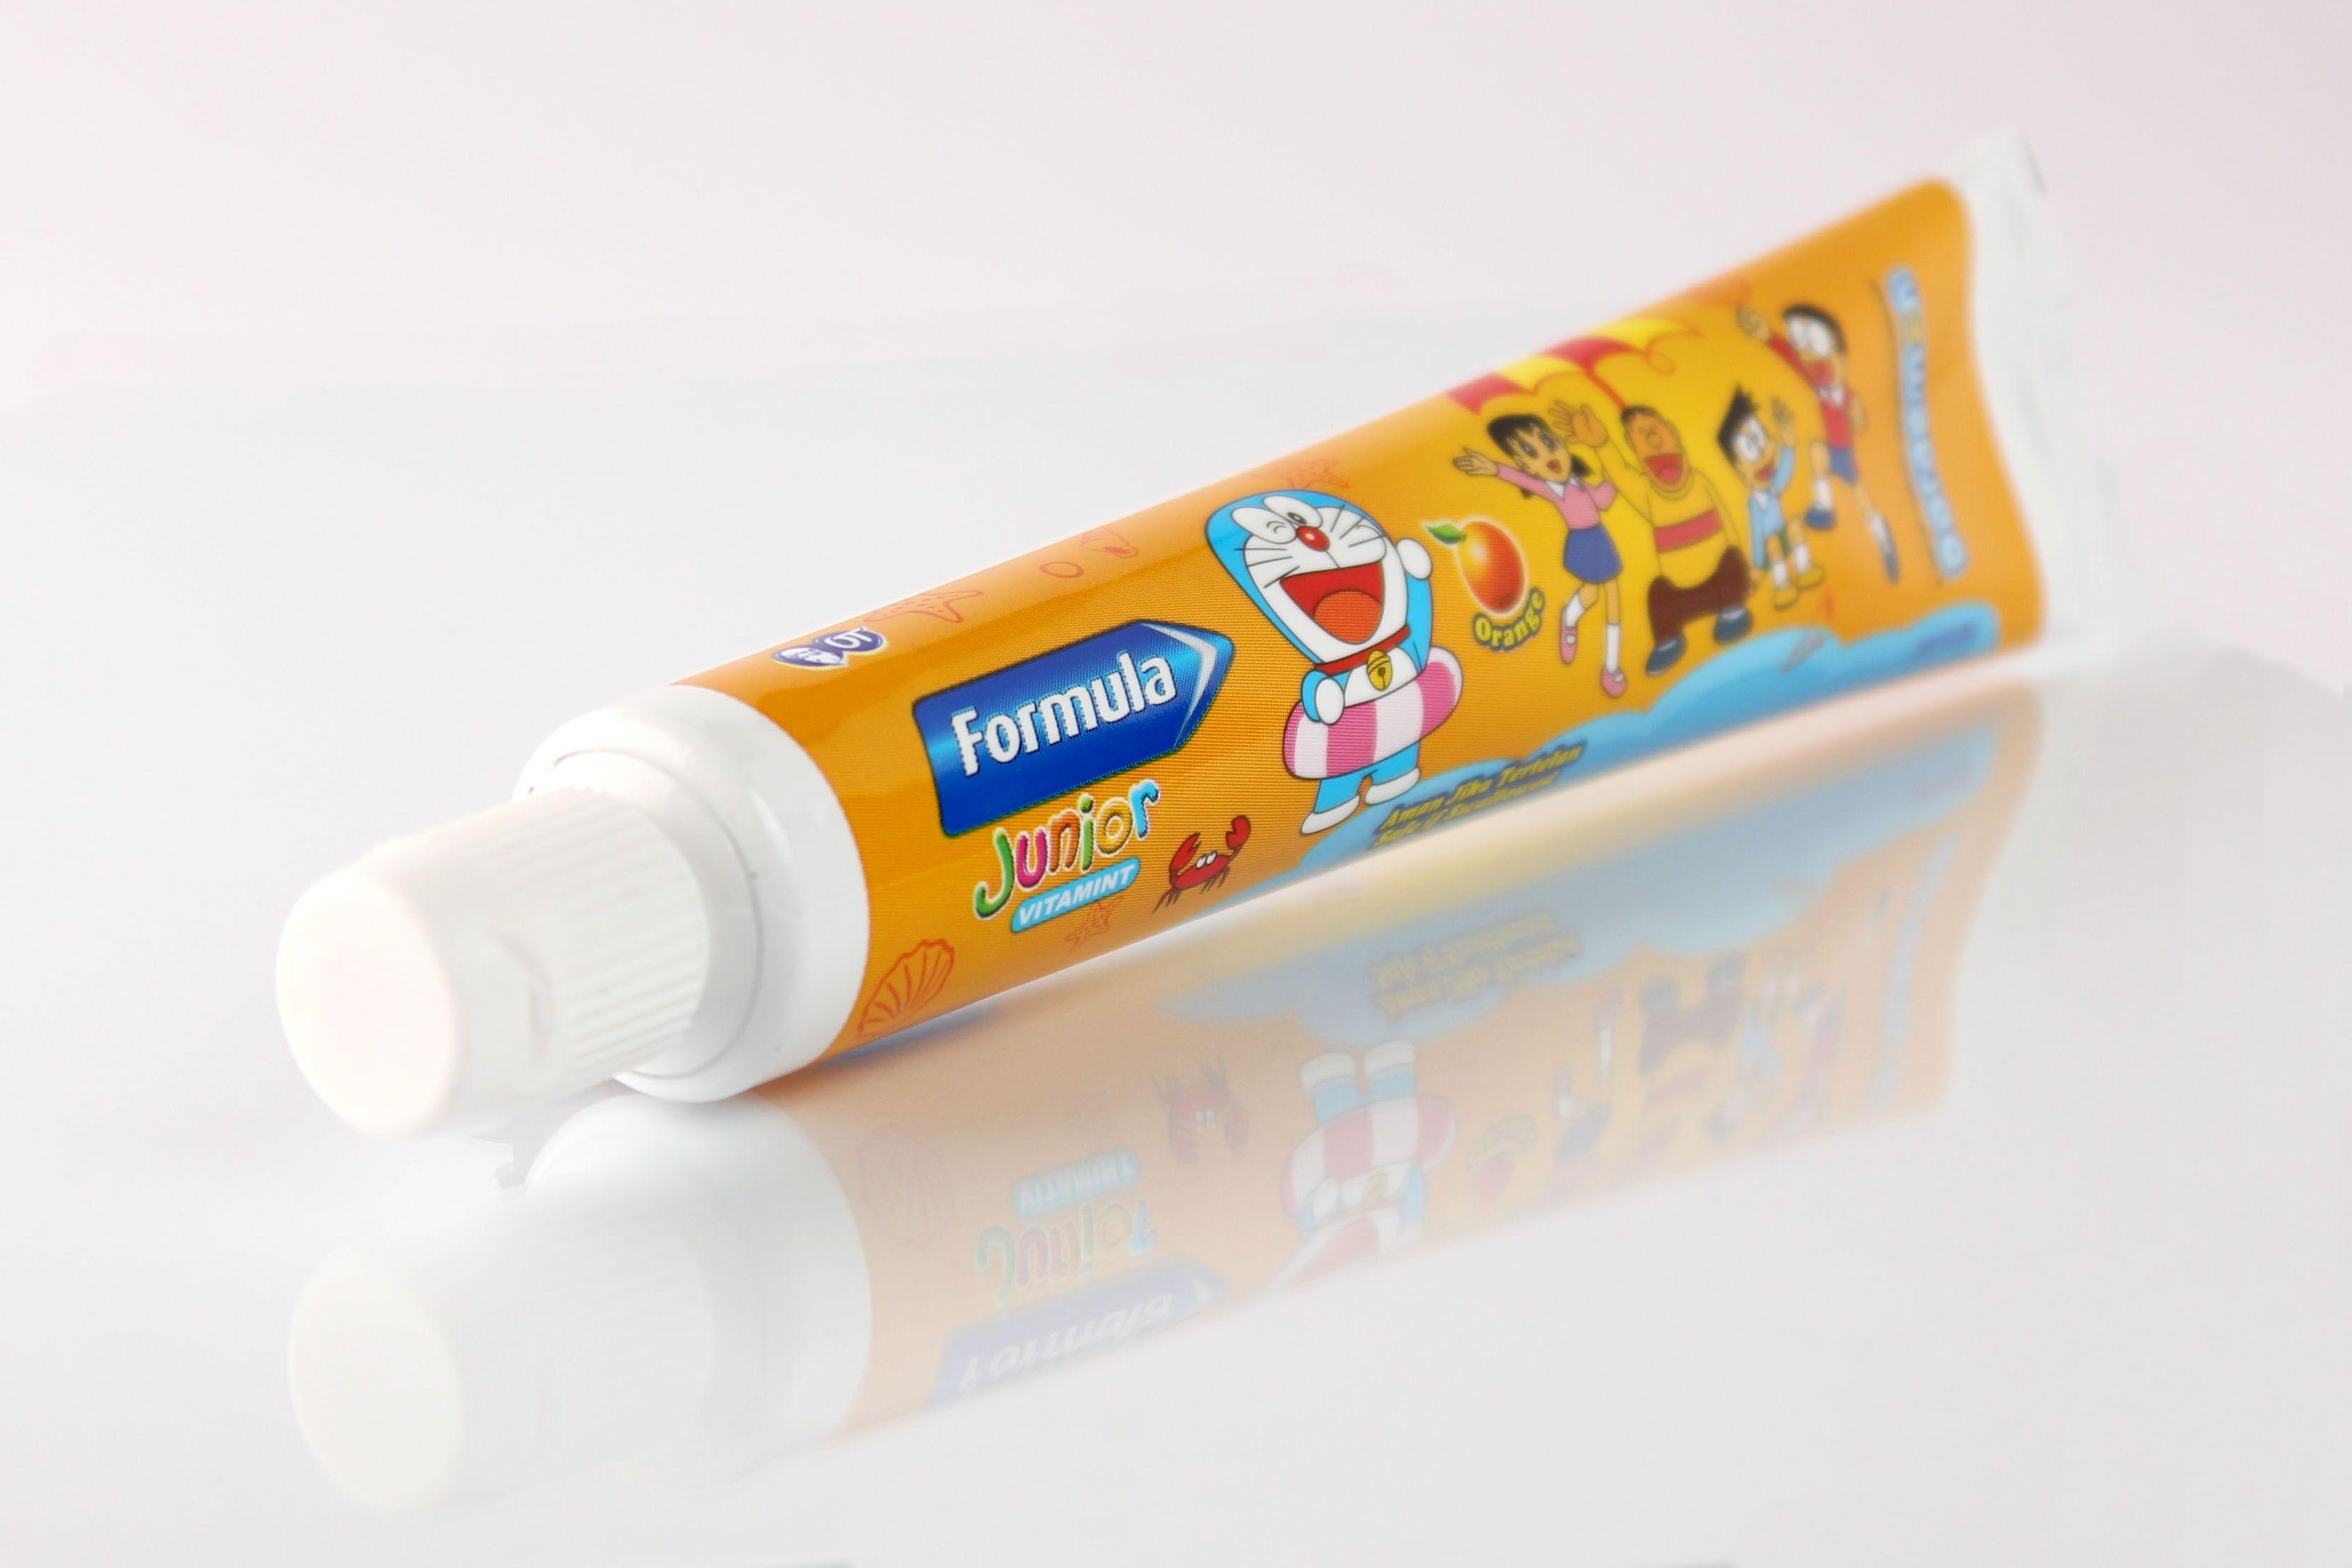 Formula Pasta Gigi Junior Orange Beach Daftar Harga Terbaru Dan For Strong Protector Vitamint Gel Khusus Untuk Anak Mengandung Vitamin A